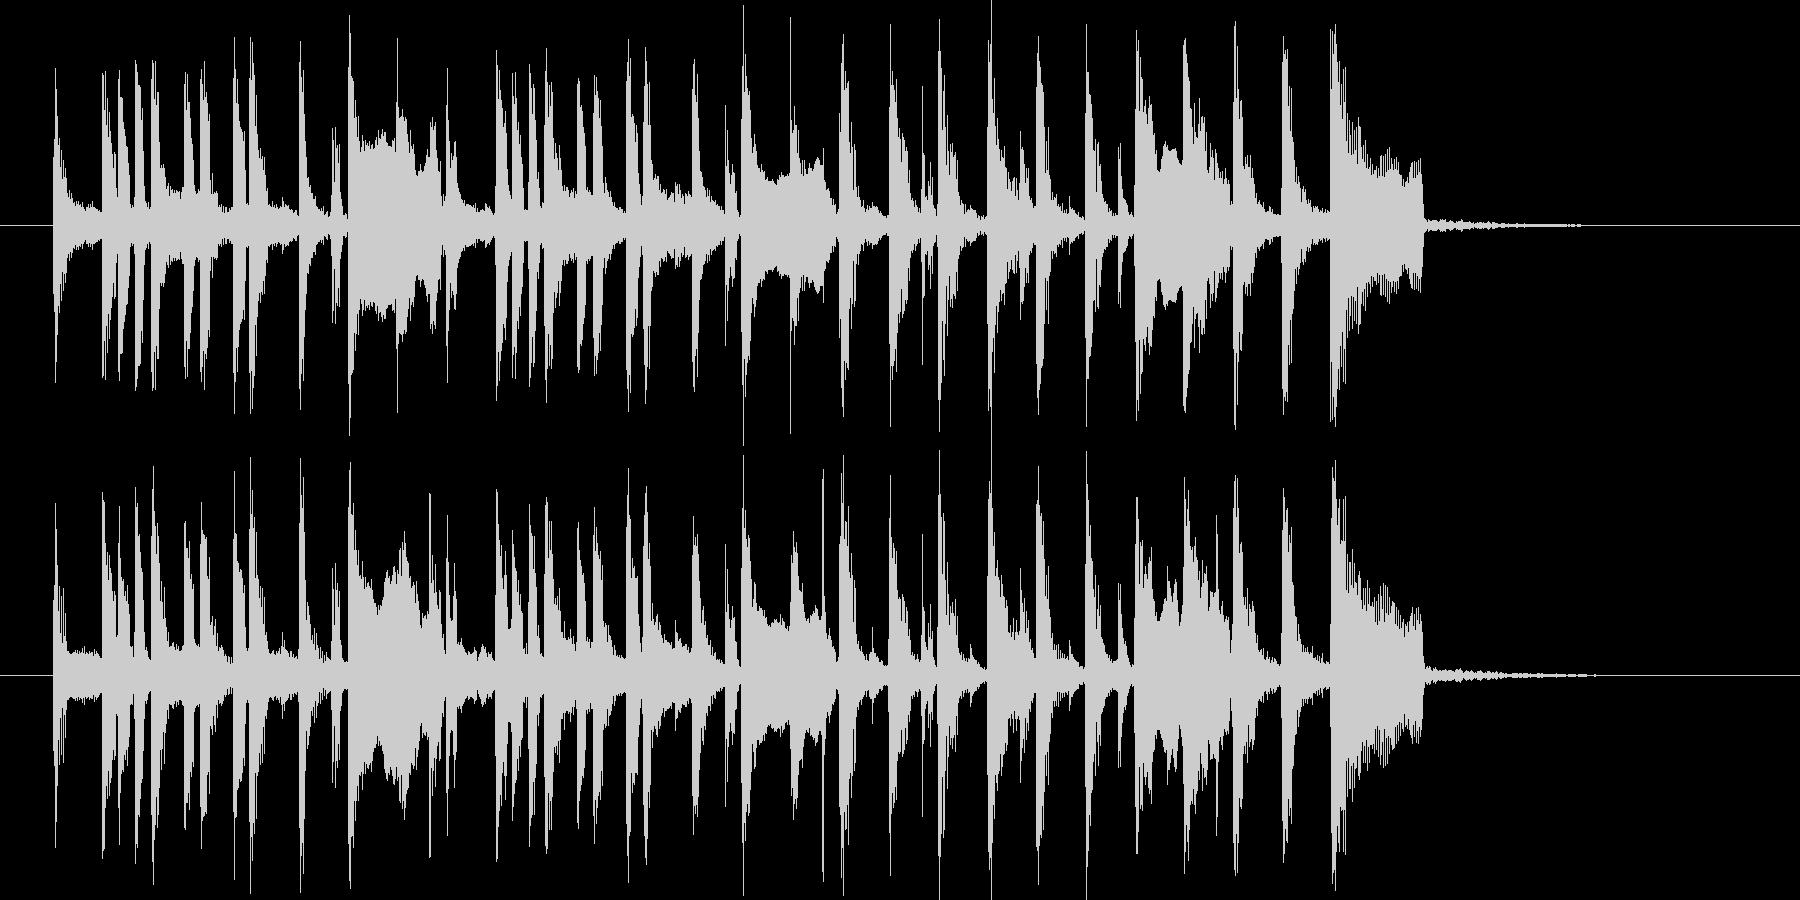 昭和のコント風BGMの未再生の波形